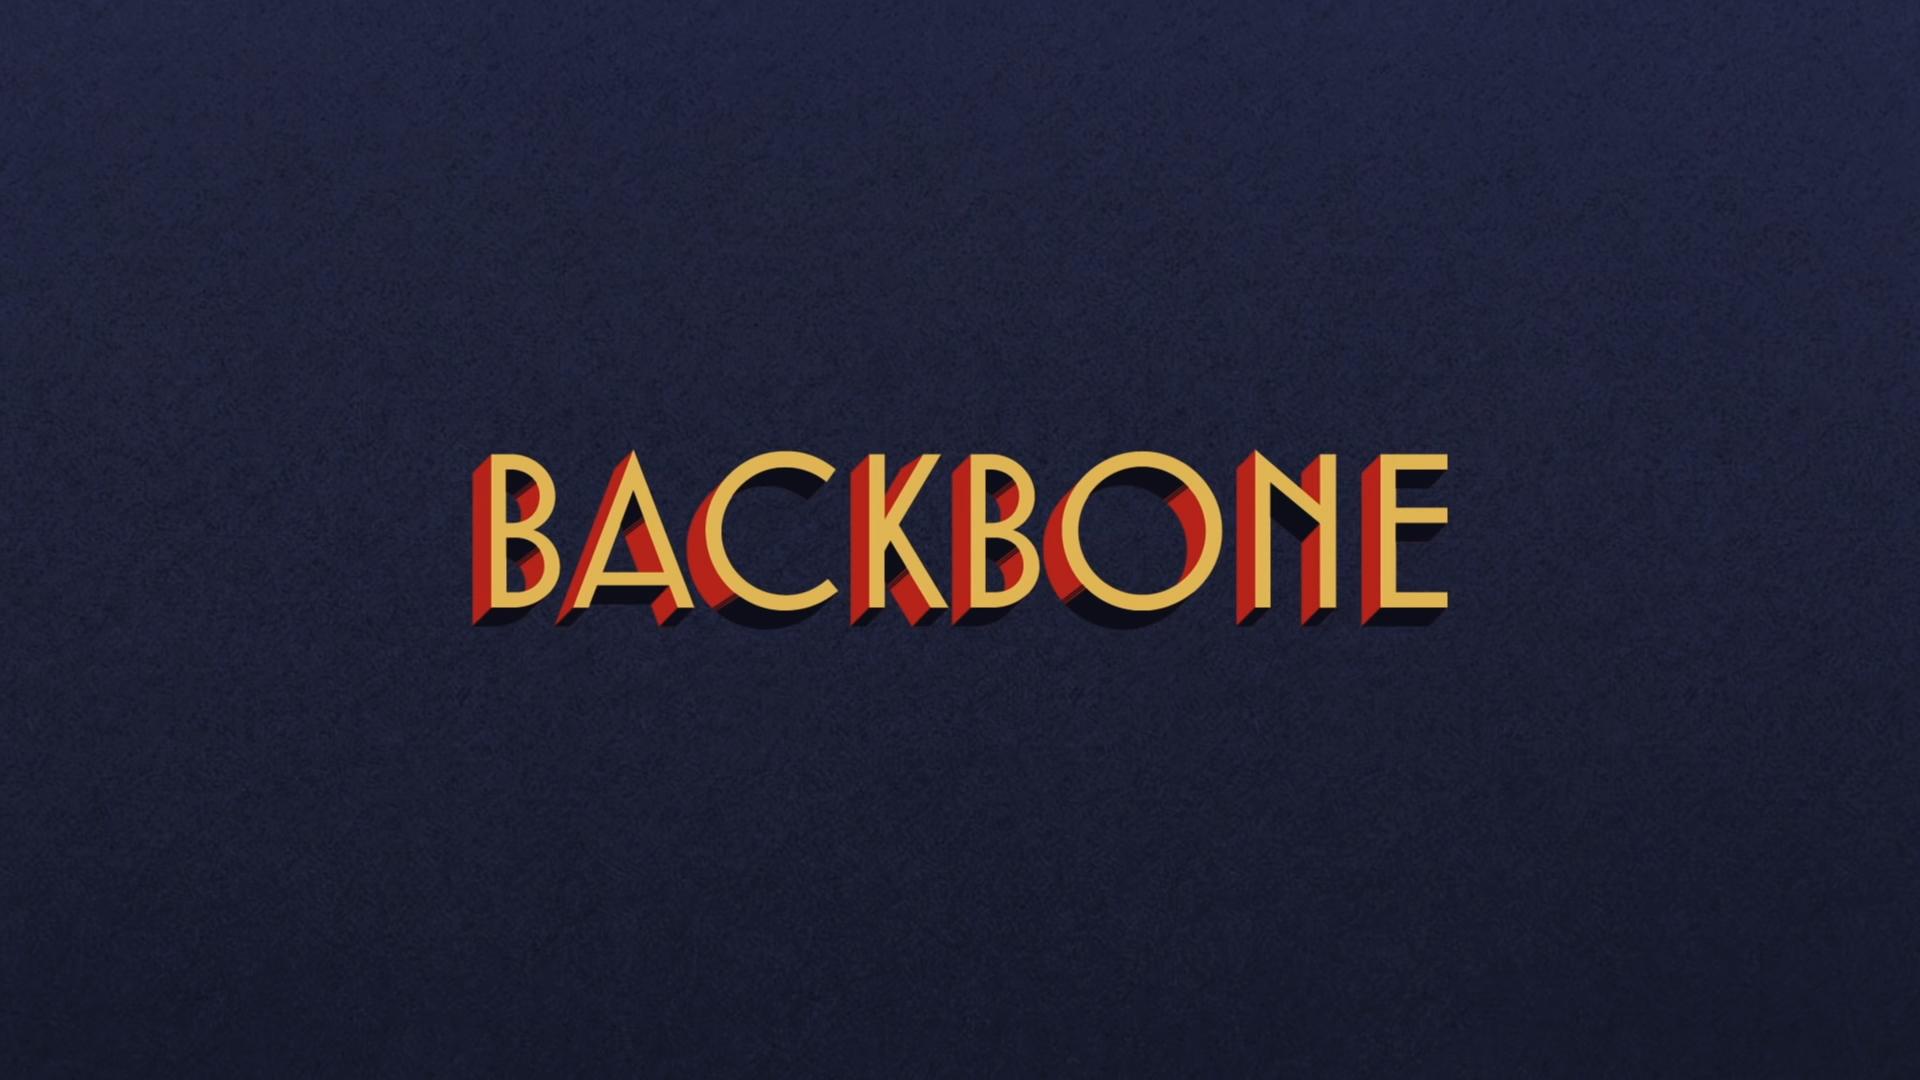 Backbone arriverà all'inizio del 2021 su PS4, Xbox One, Switch e PC